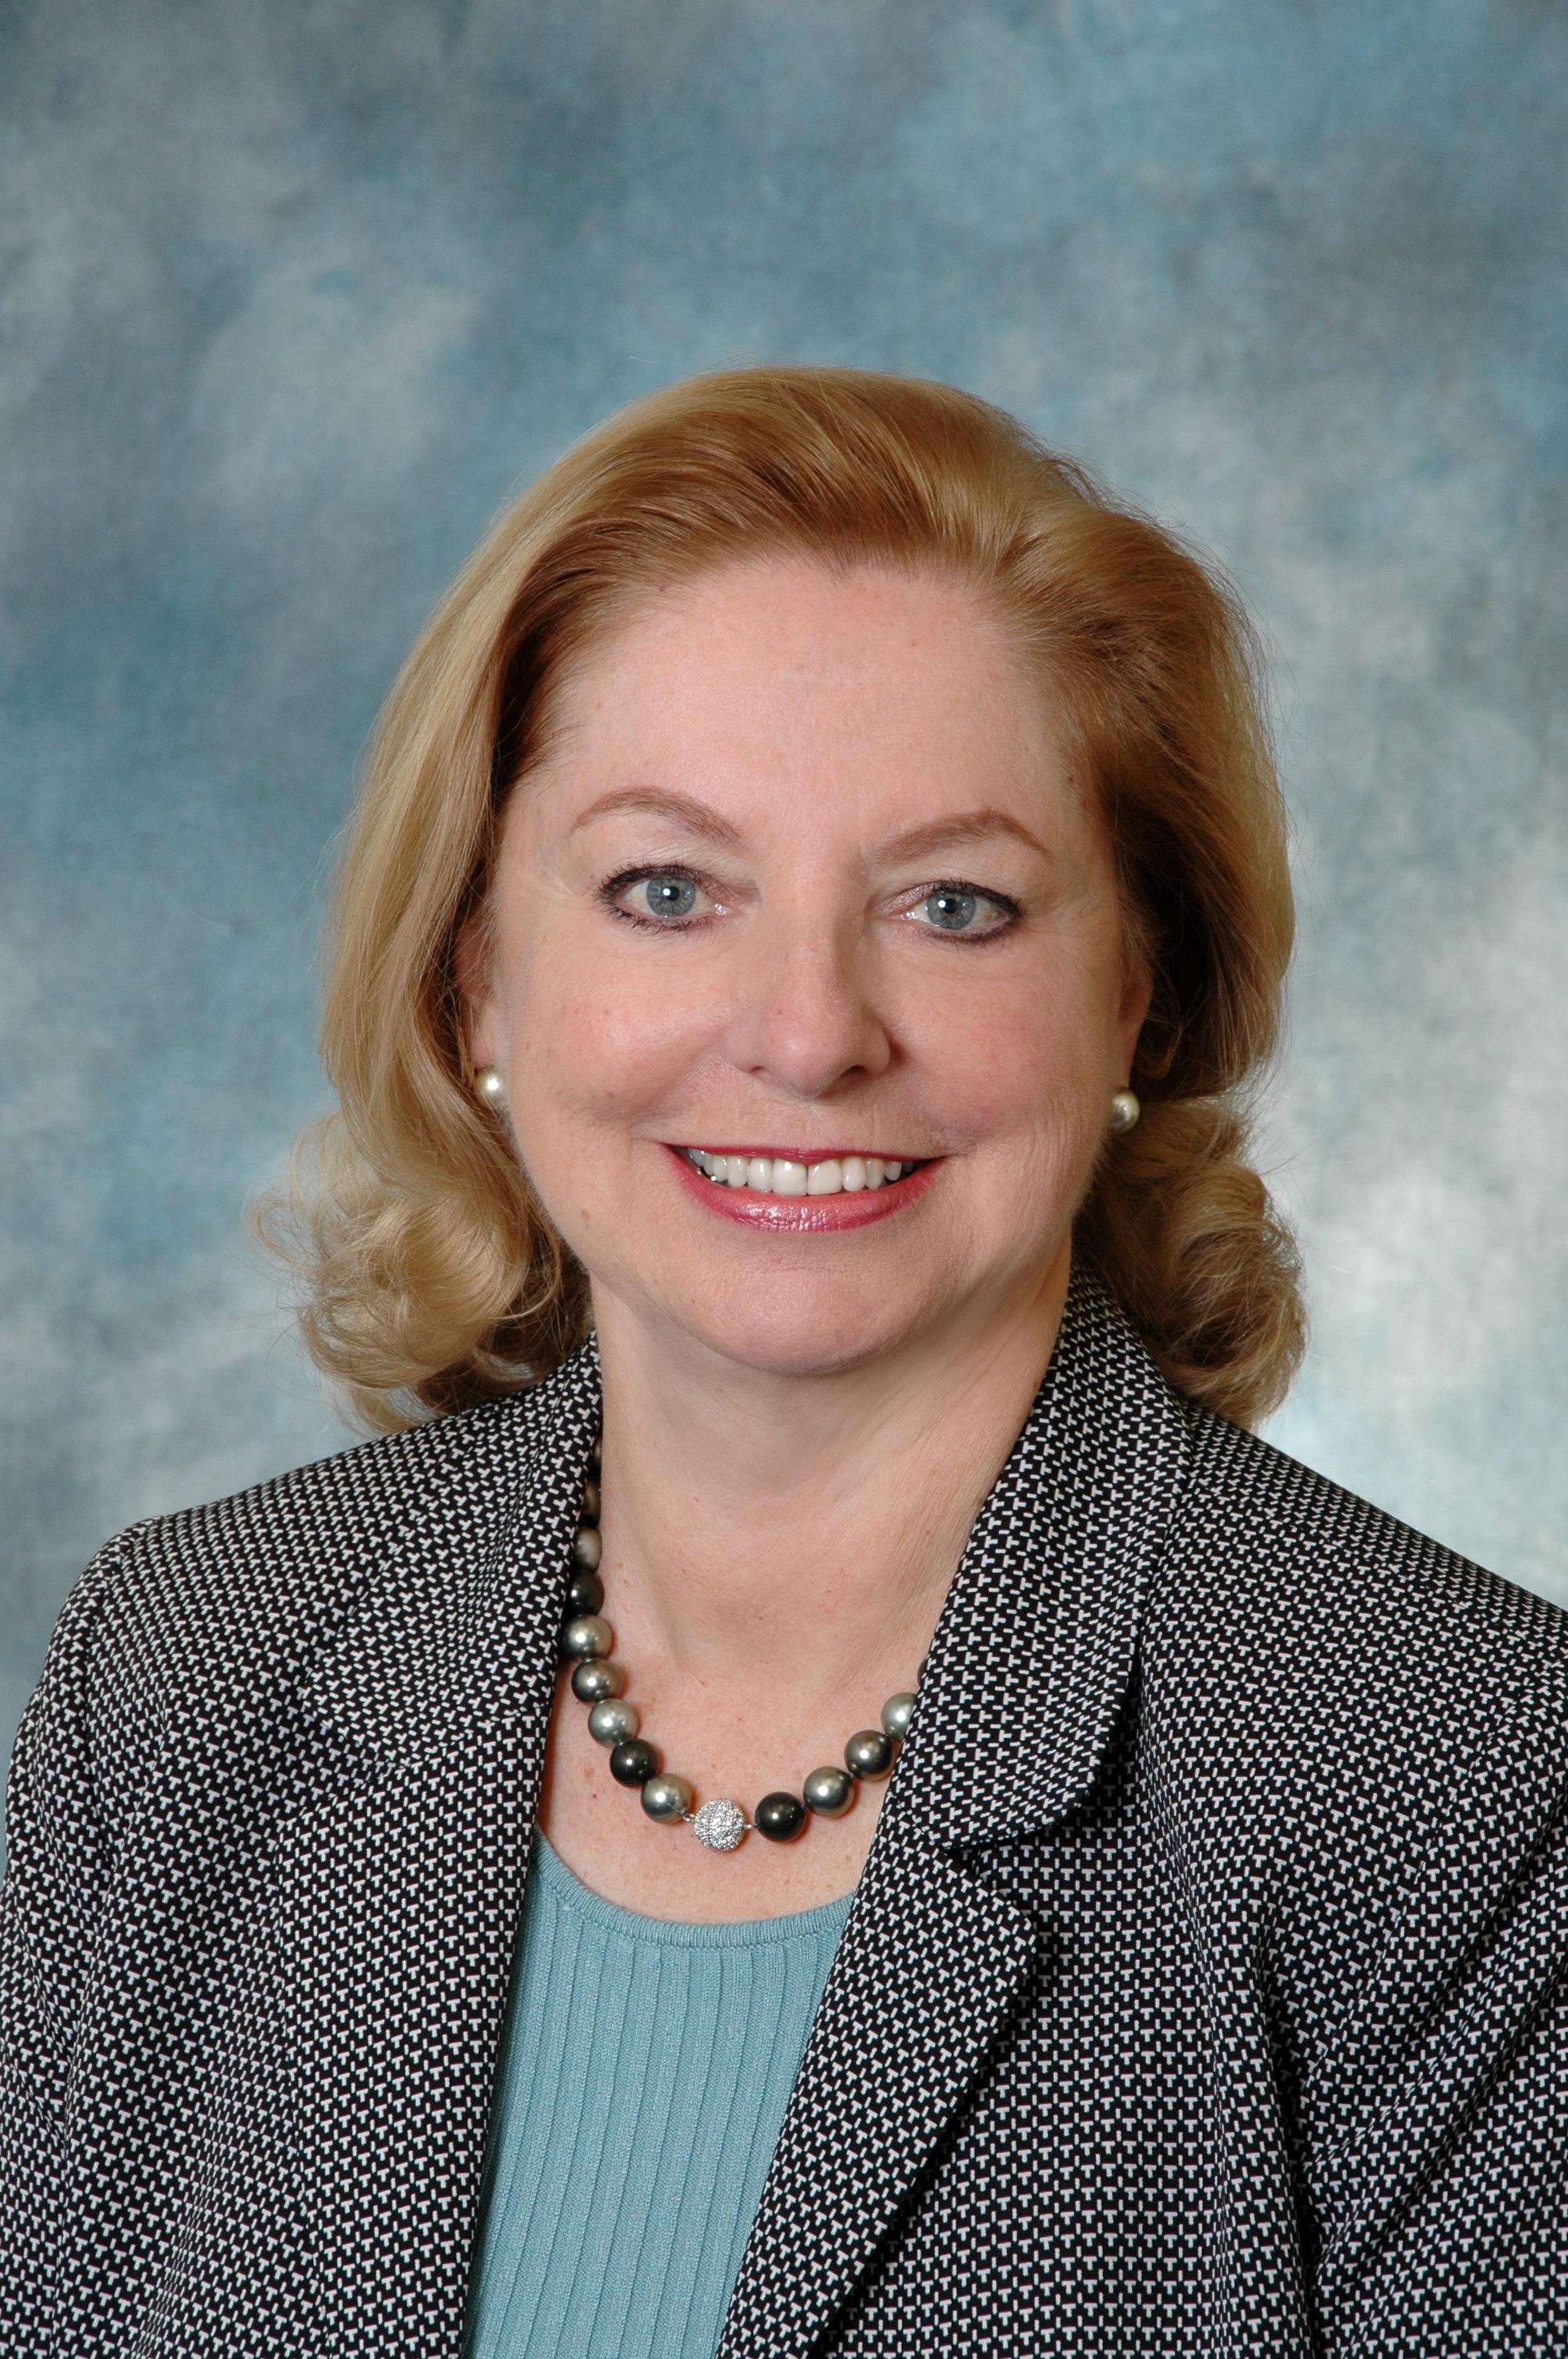 Anita Botieff